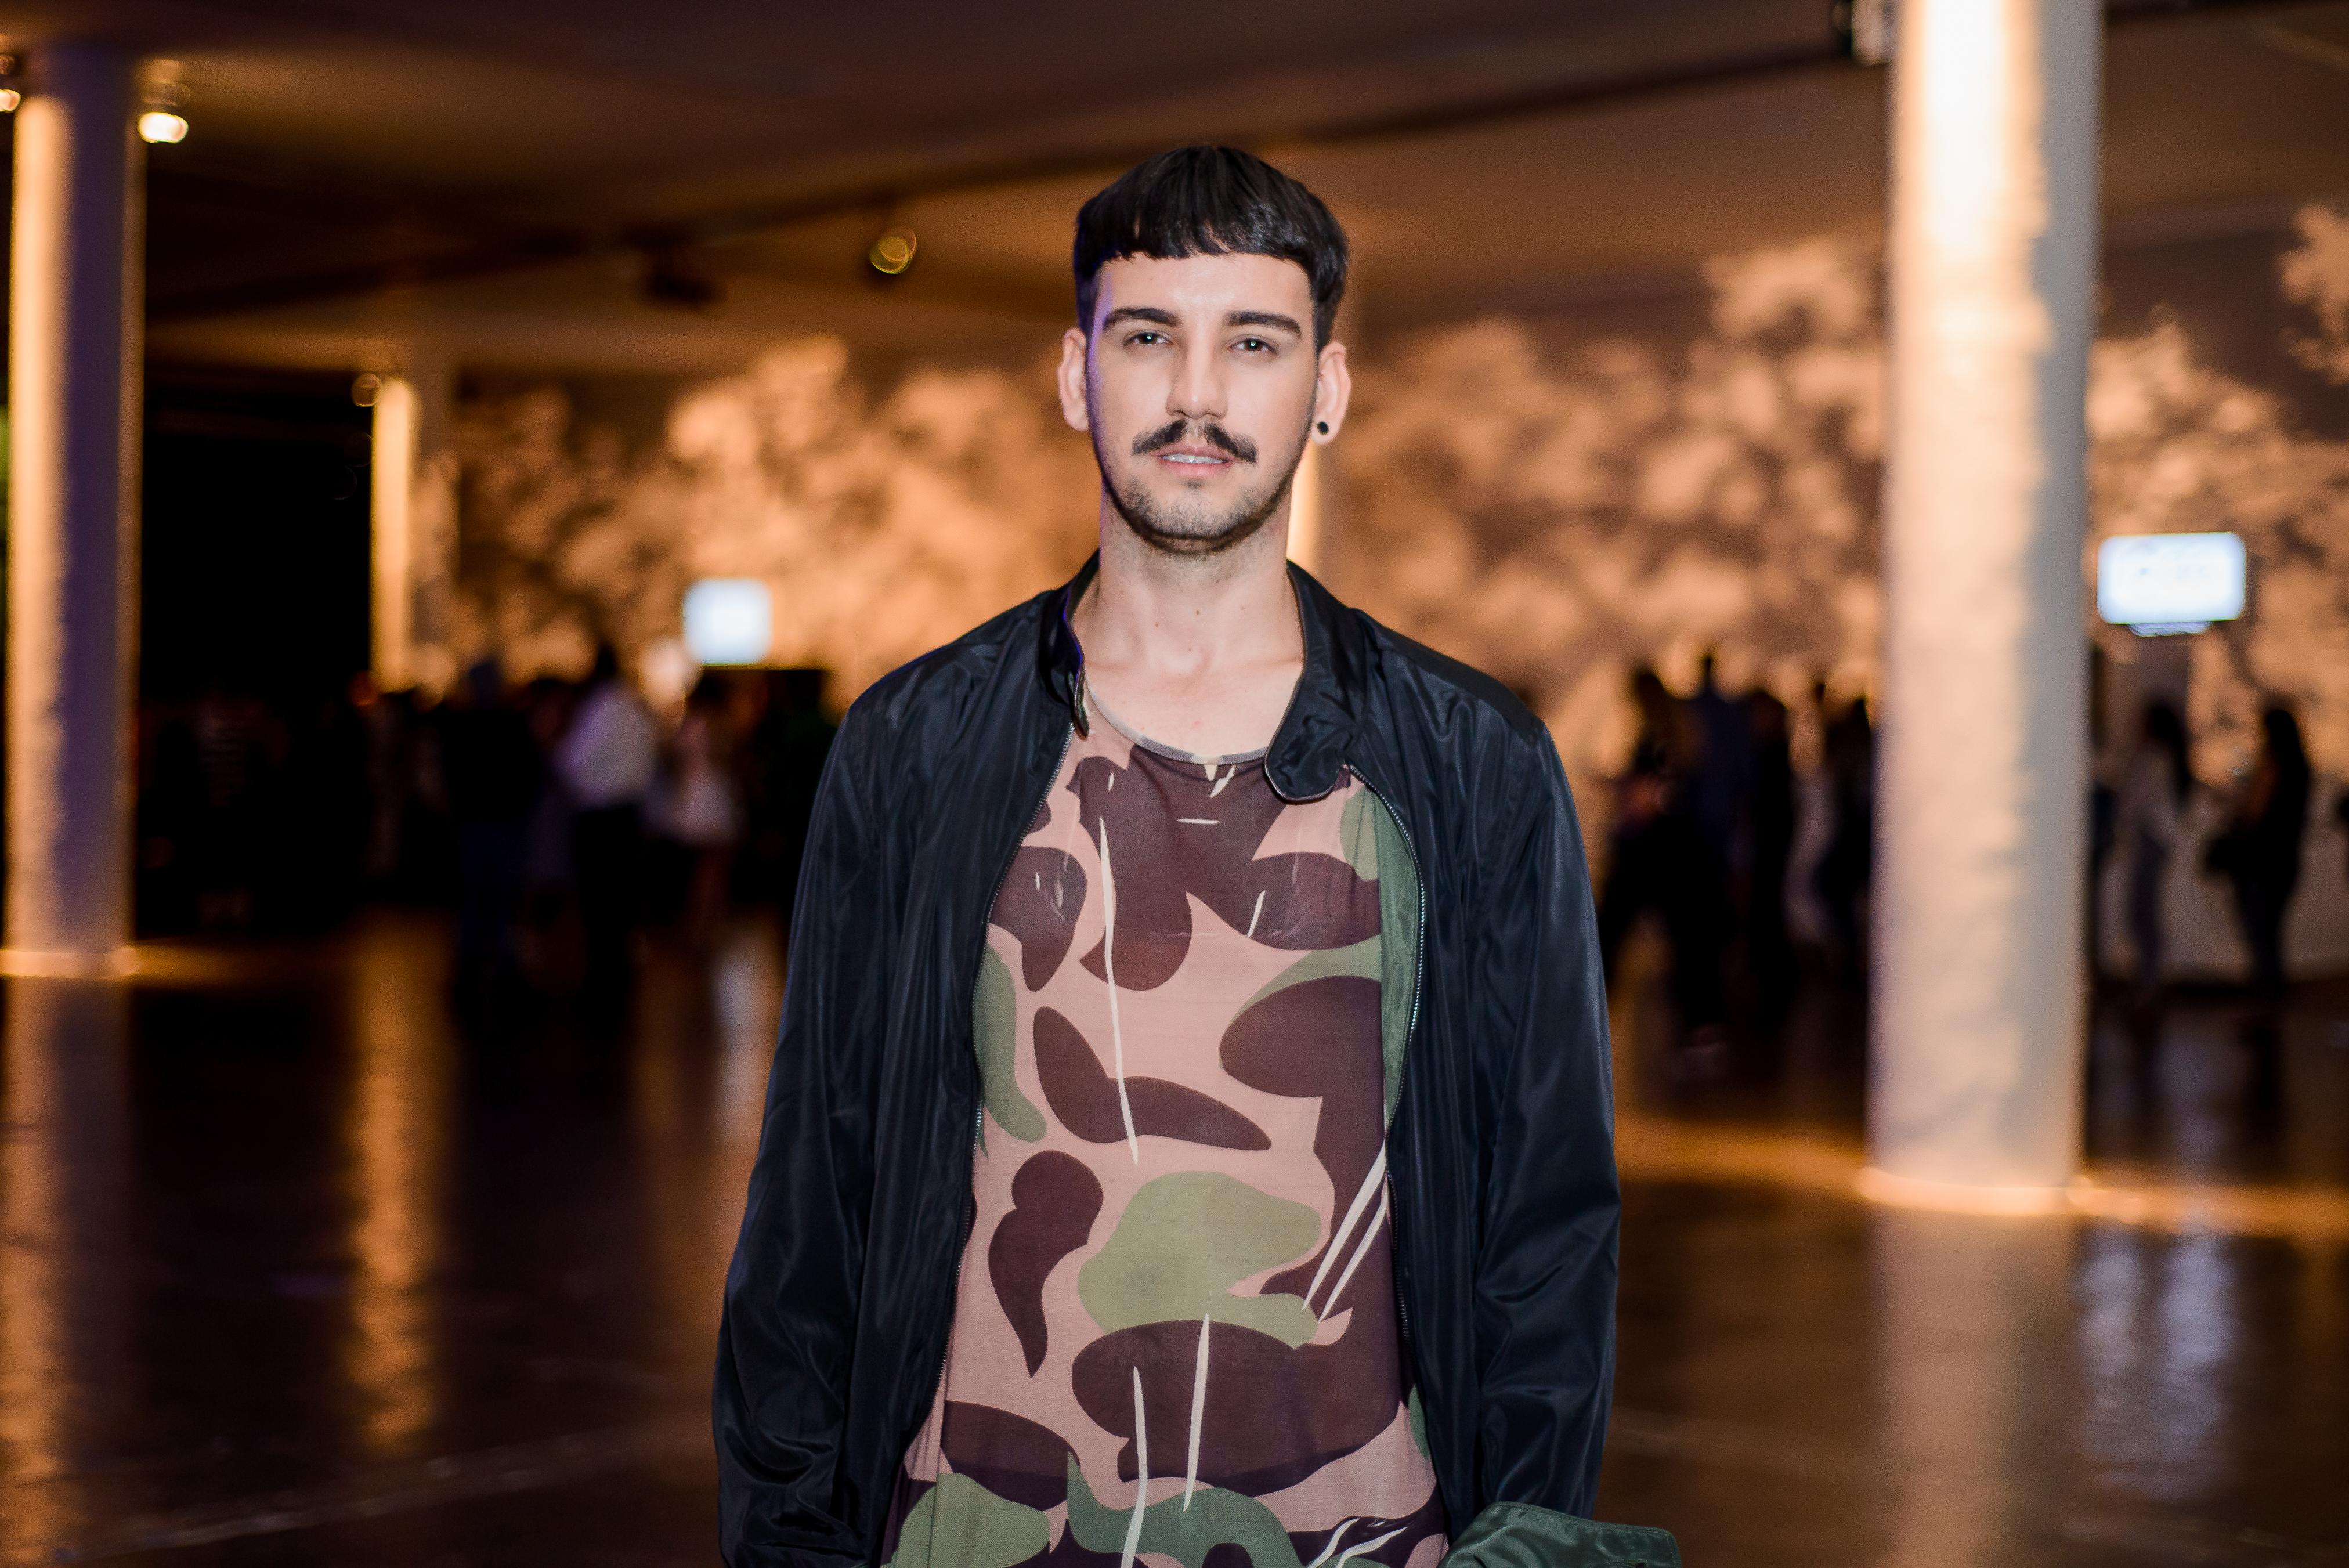 spfwn43-street-style-moda-masculina-estilo-masculino-style-fashion-moda-2017-moda-sem-censura-beleza-blog-de-moda-men-man-boy-estilo (7)